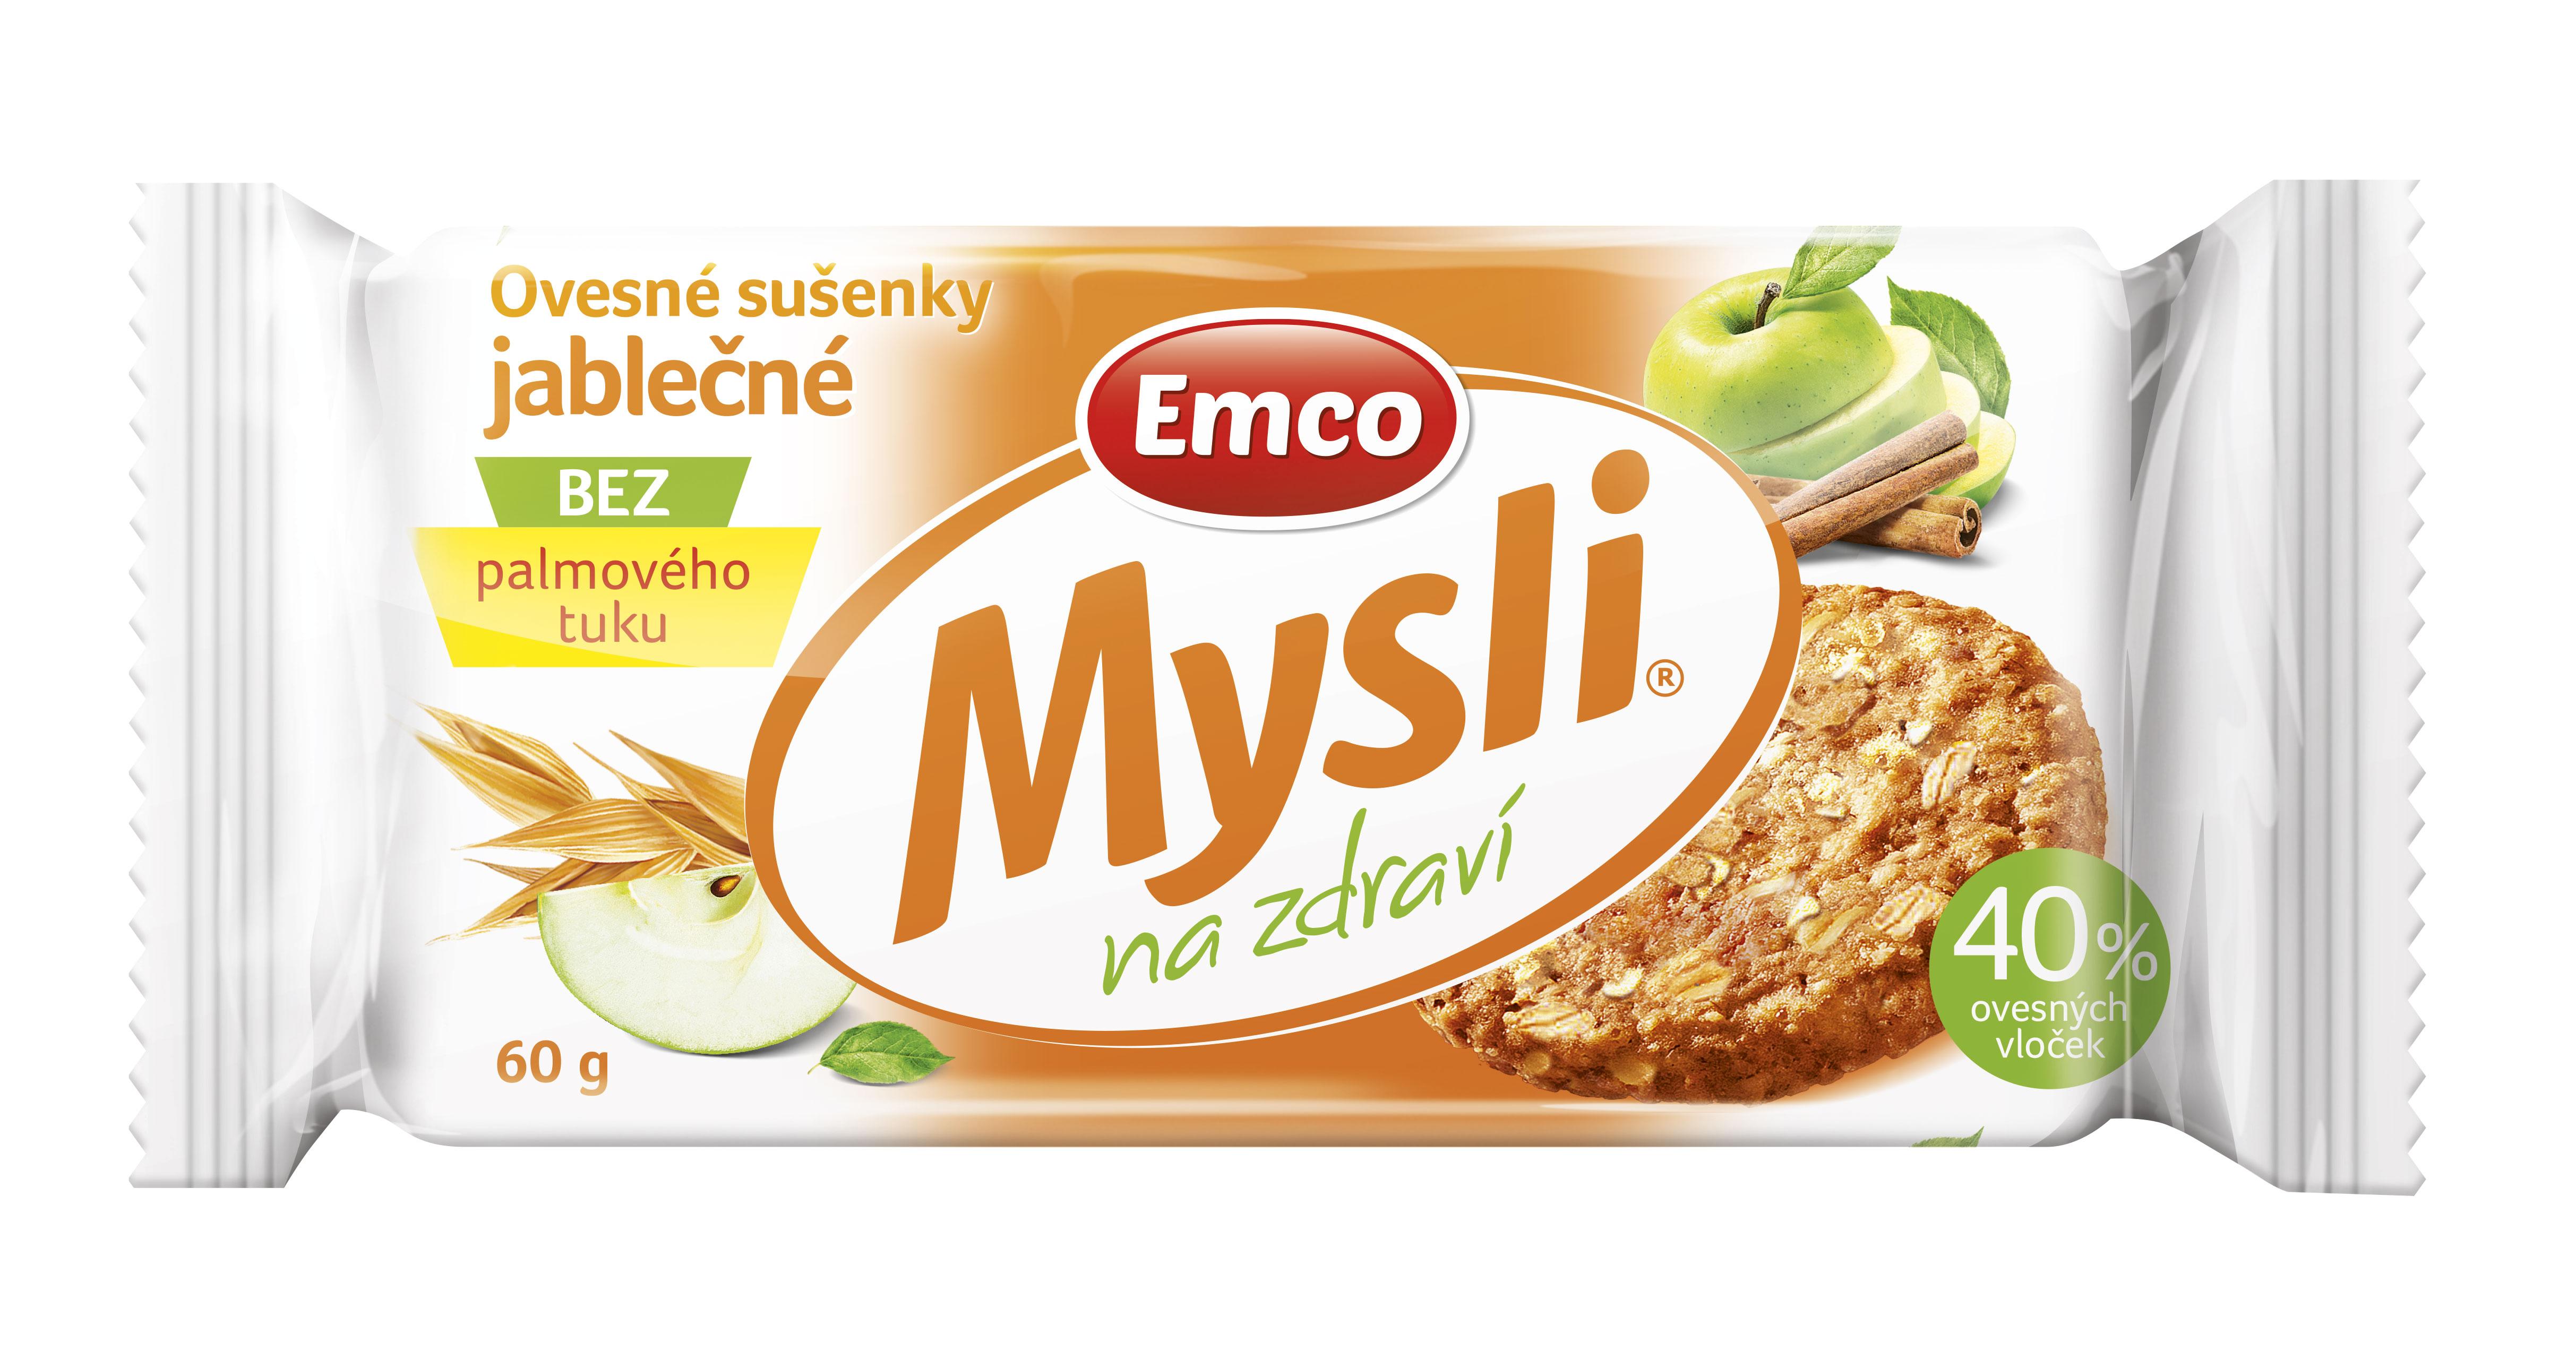 Ovesné sušenky Emco jablečné